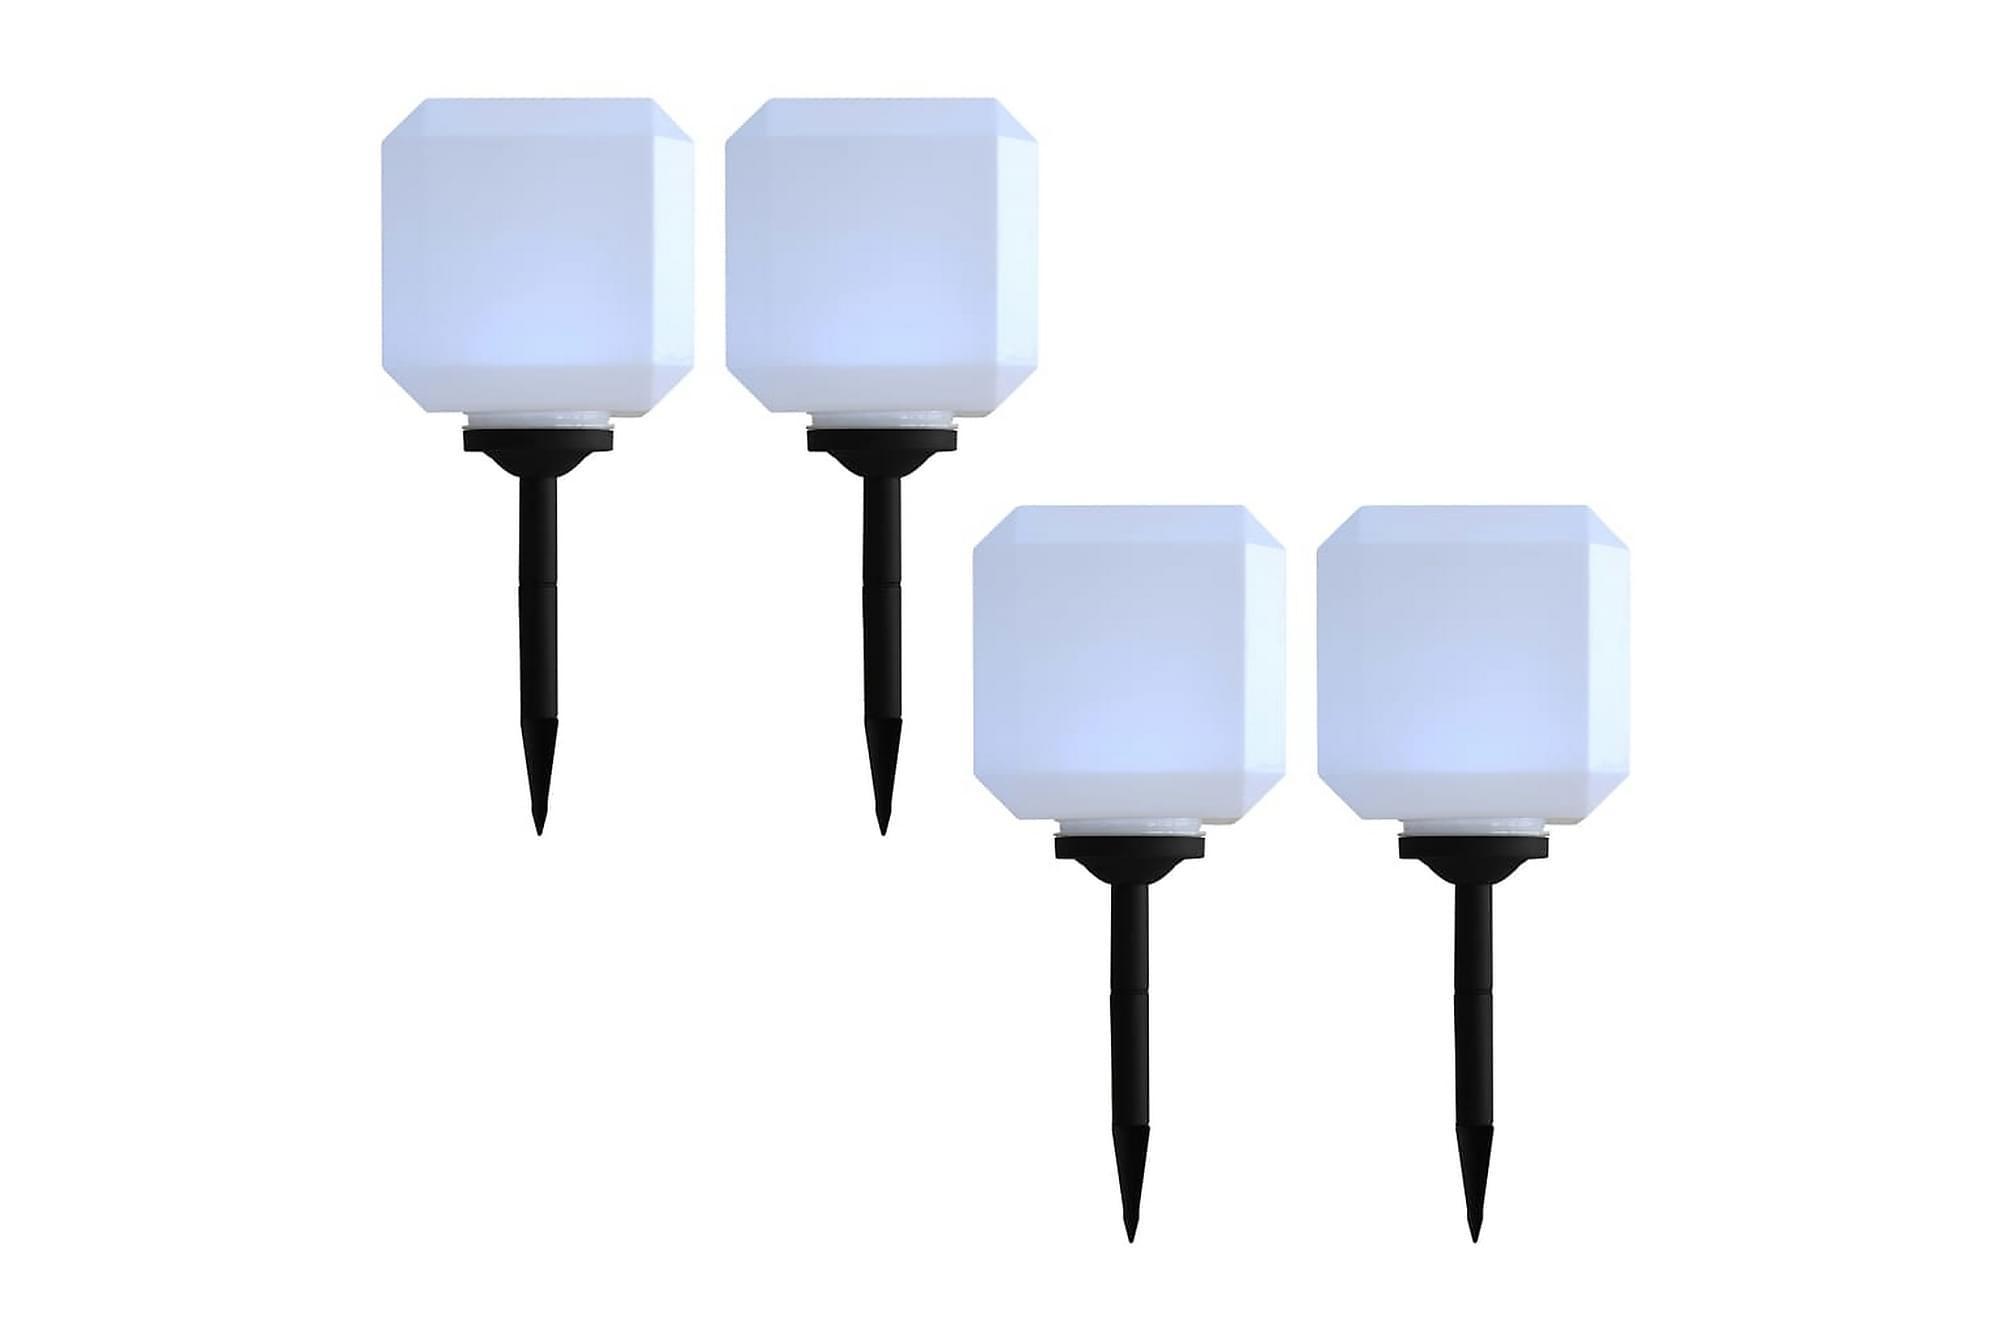 Solcellslampor med LED 4 st kubiska 20 cm vit